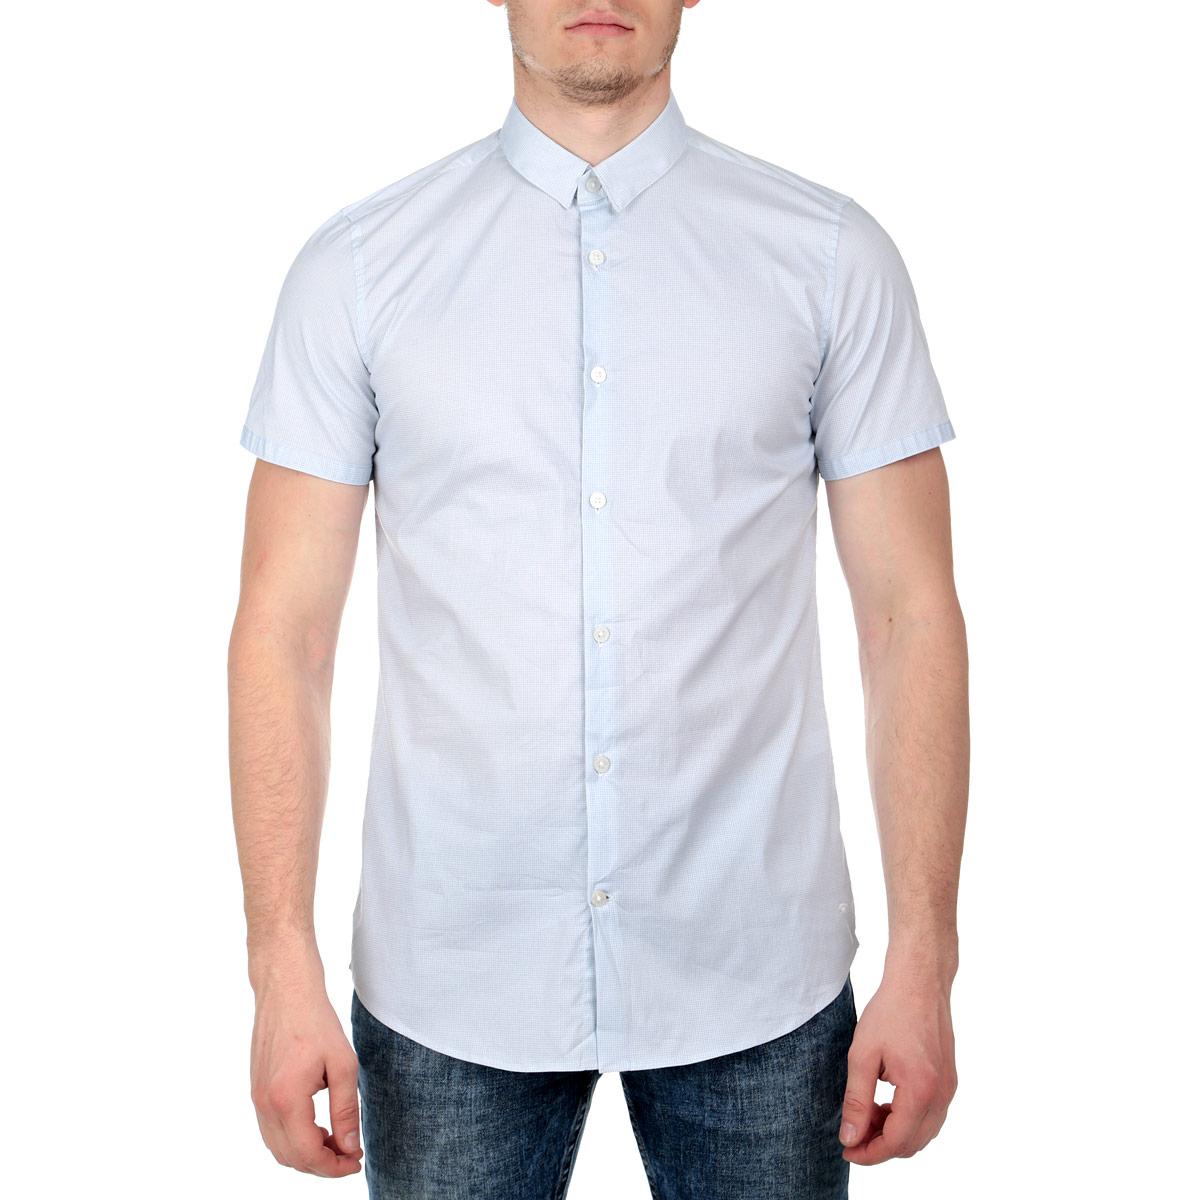 Рубашка2029818.02.15Стильная мужская рубашка Tom Tailor, изготовленная из эластичного хлопка, необычайно мягкая и приятная на ощупь, не сковывает движения и позволяет коже дышать, обеспечивая наибольший комфорт. Модная рубашка прямого кроя с короткими рукавами, отложным воротником и полукруглым низом застегивается на пуговицы по всей длине. Оформлено изделие оригинальным мелким орнаментом. Эта рубашка идеальный вариант для повседневного гардероба. Такая модель порадует настоящих ценителей комфорта и практичности!